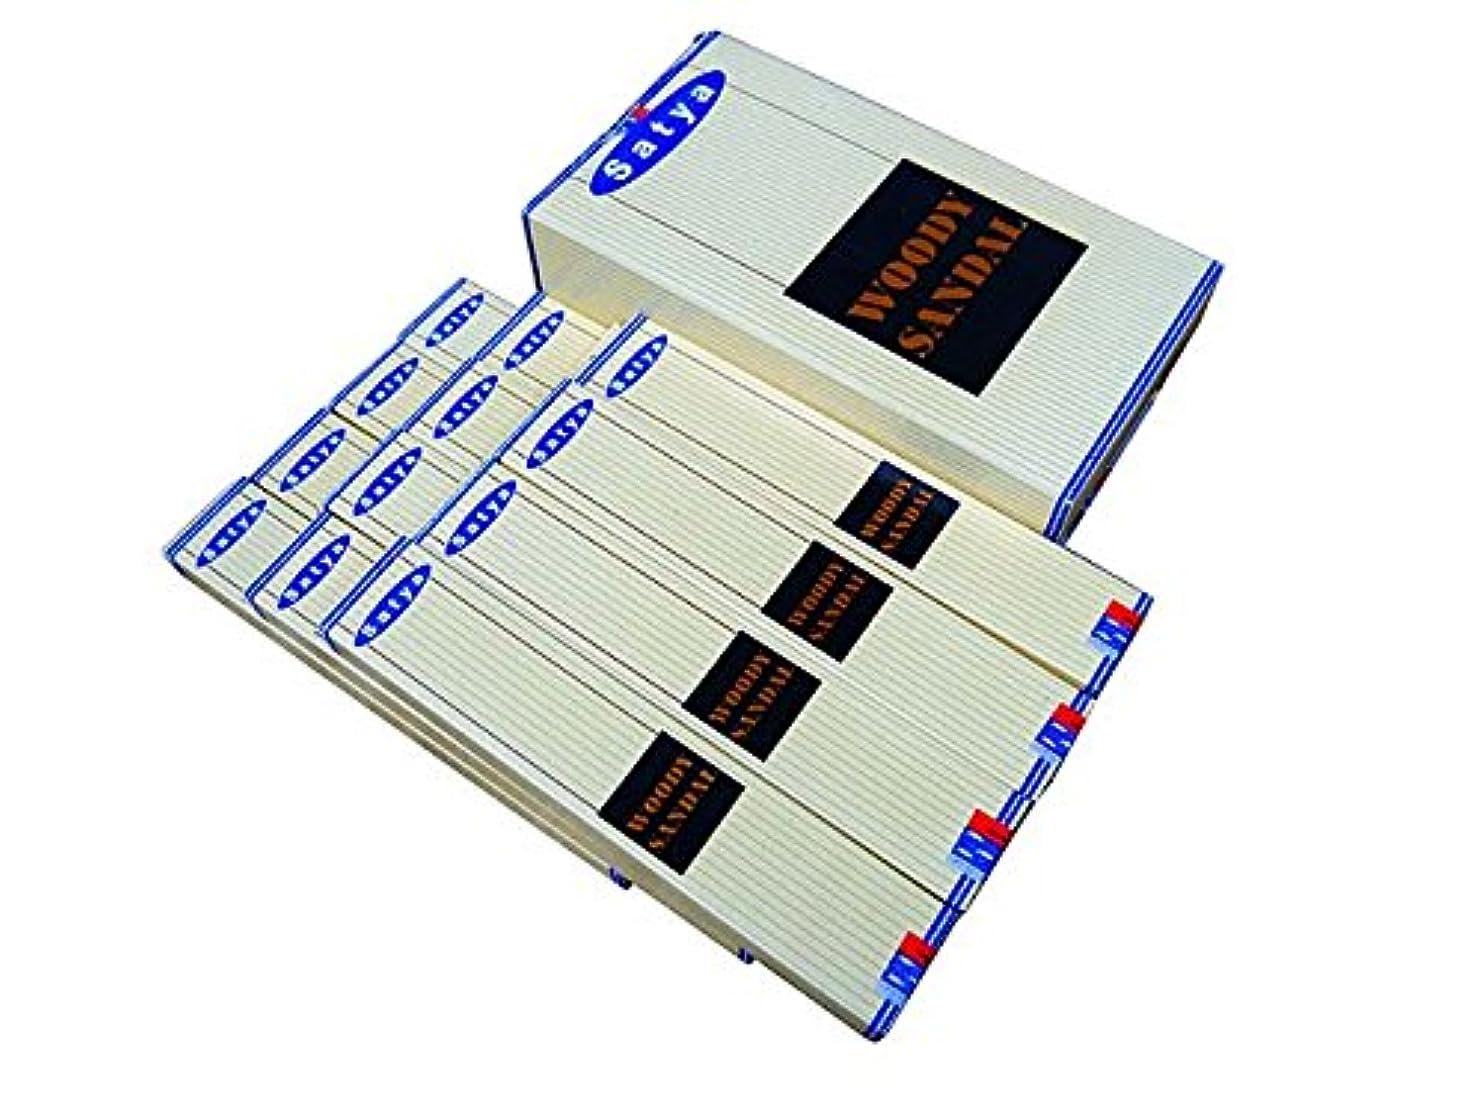 バンク露骨な抑圧者SATYA(サチャ) ウッディサンダル香 スティック WOODYSANDAL 12箱セット